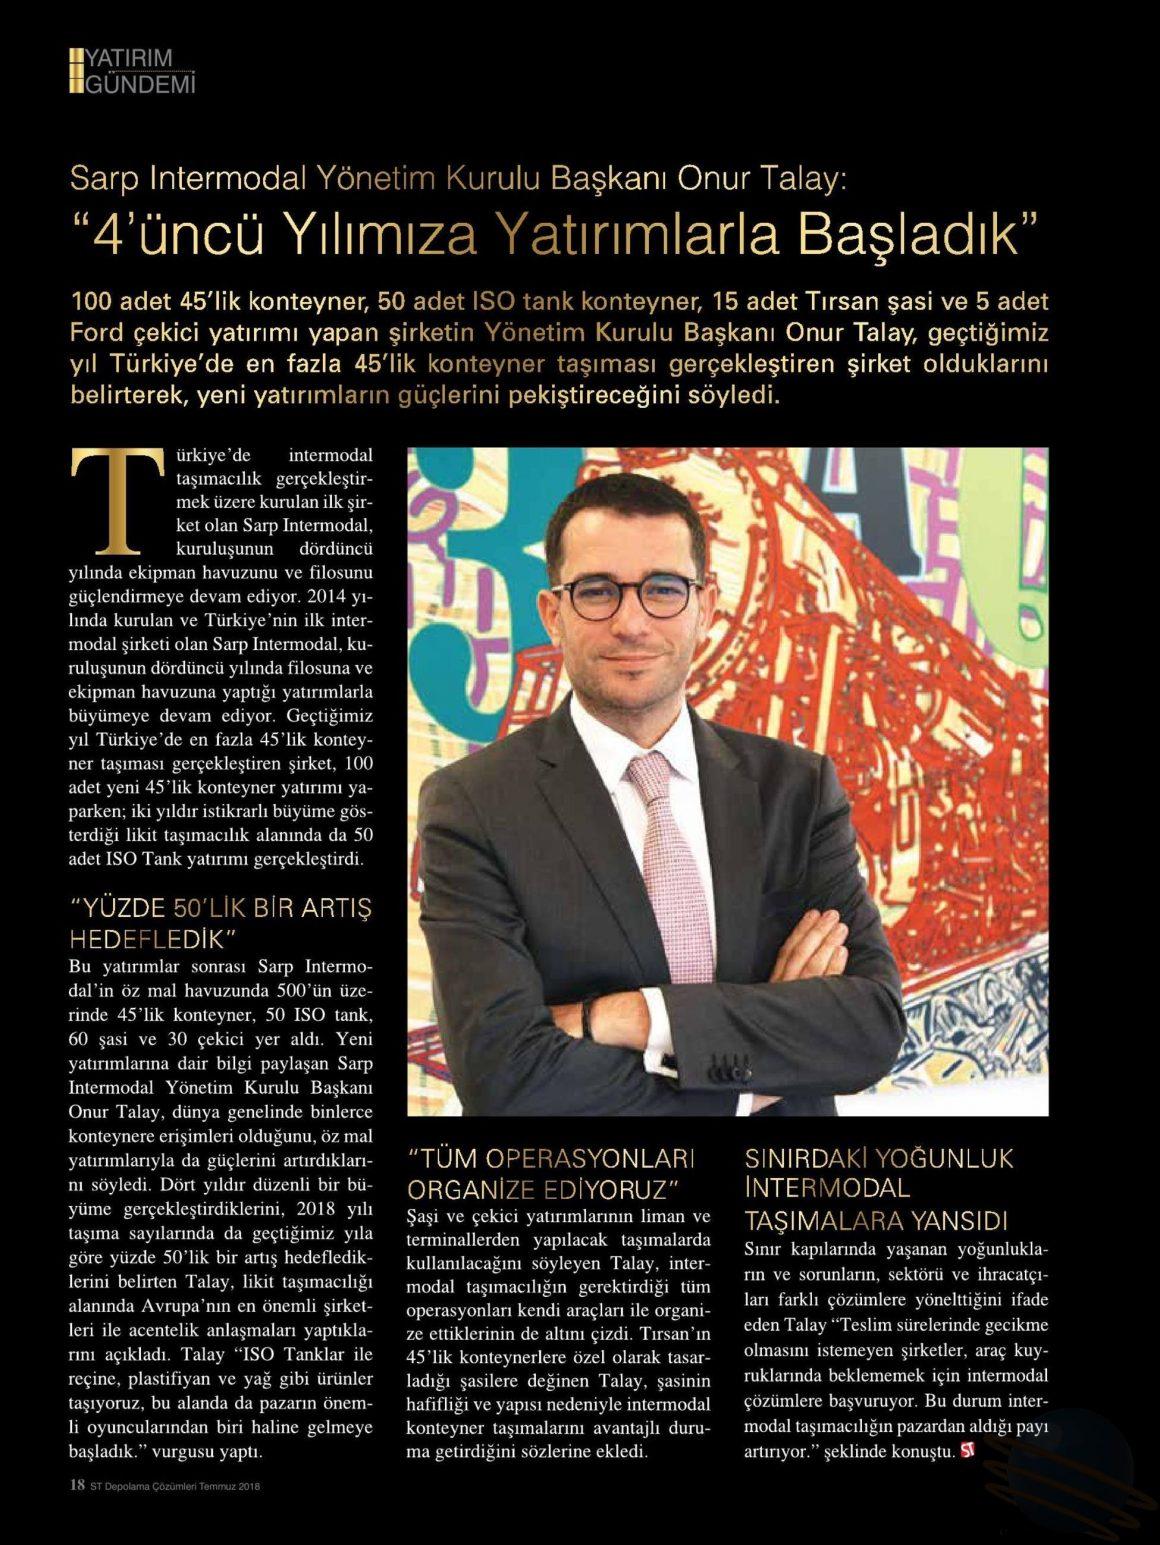 4'ÜNCÜ YILIMIZA YATIRIMLARLA BAŞLADIK // SEKTÖREL TANITIM DEPOLAMA DERGİSİ